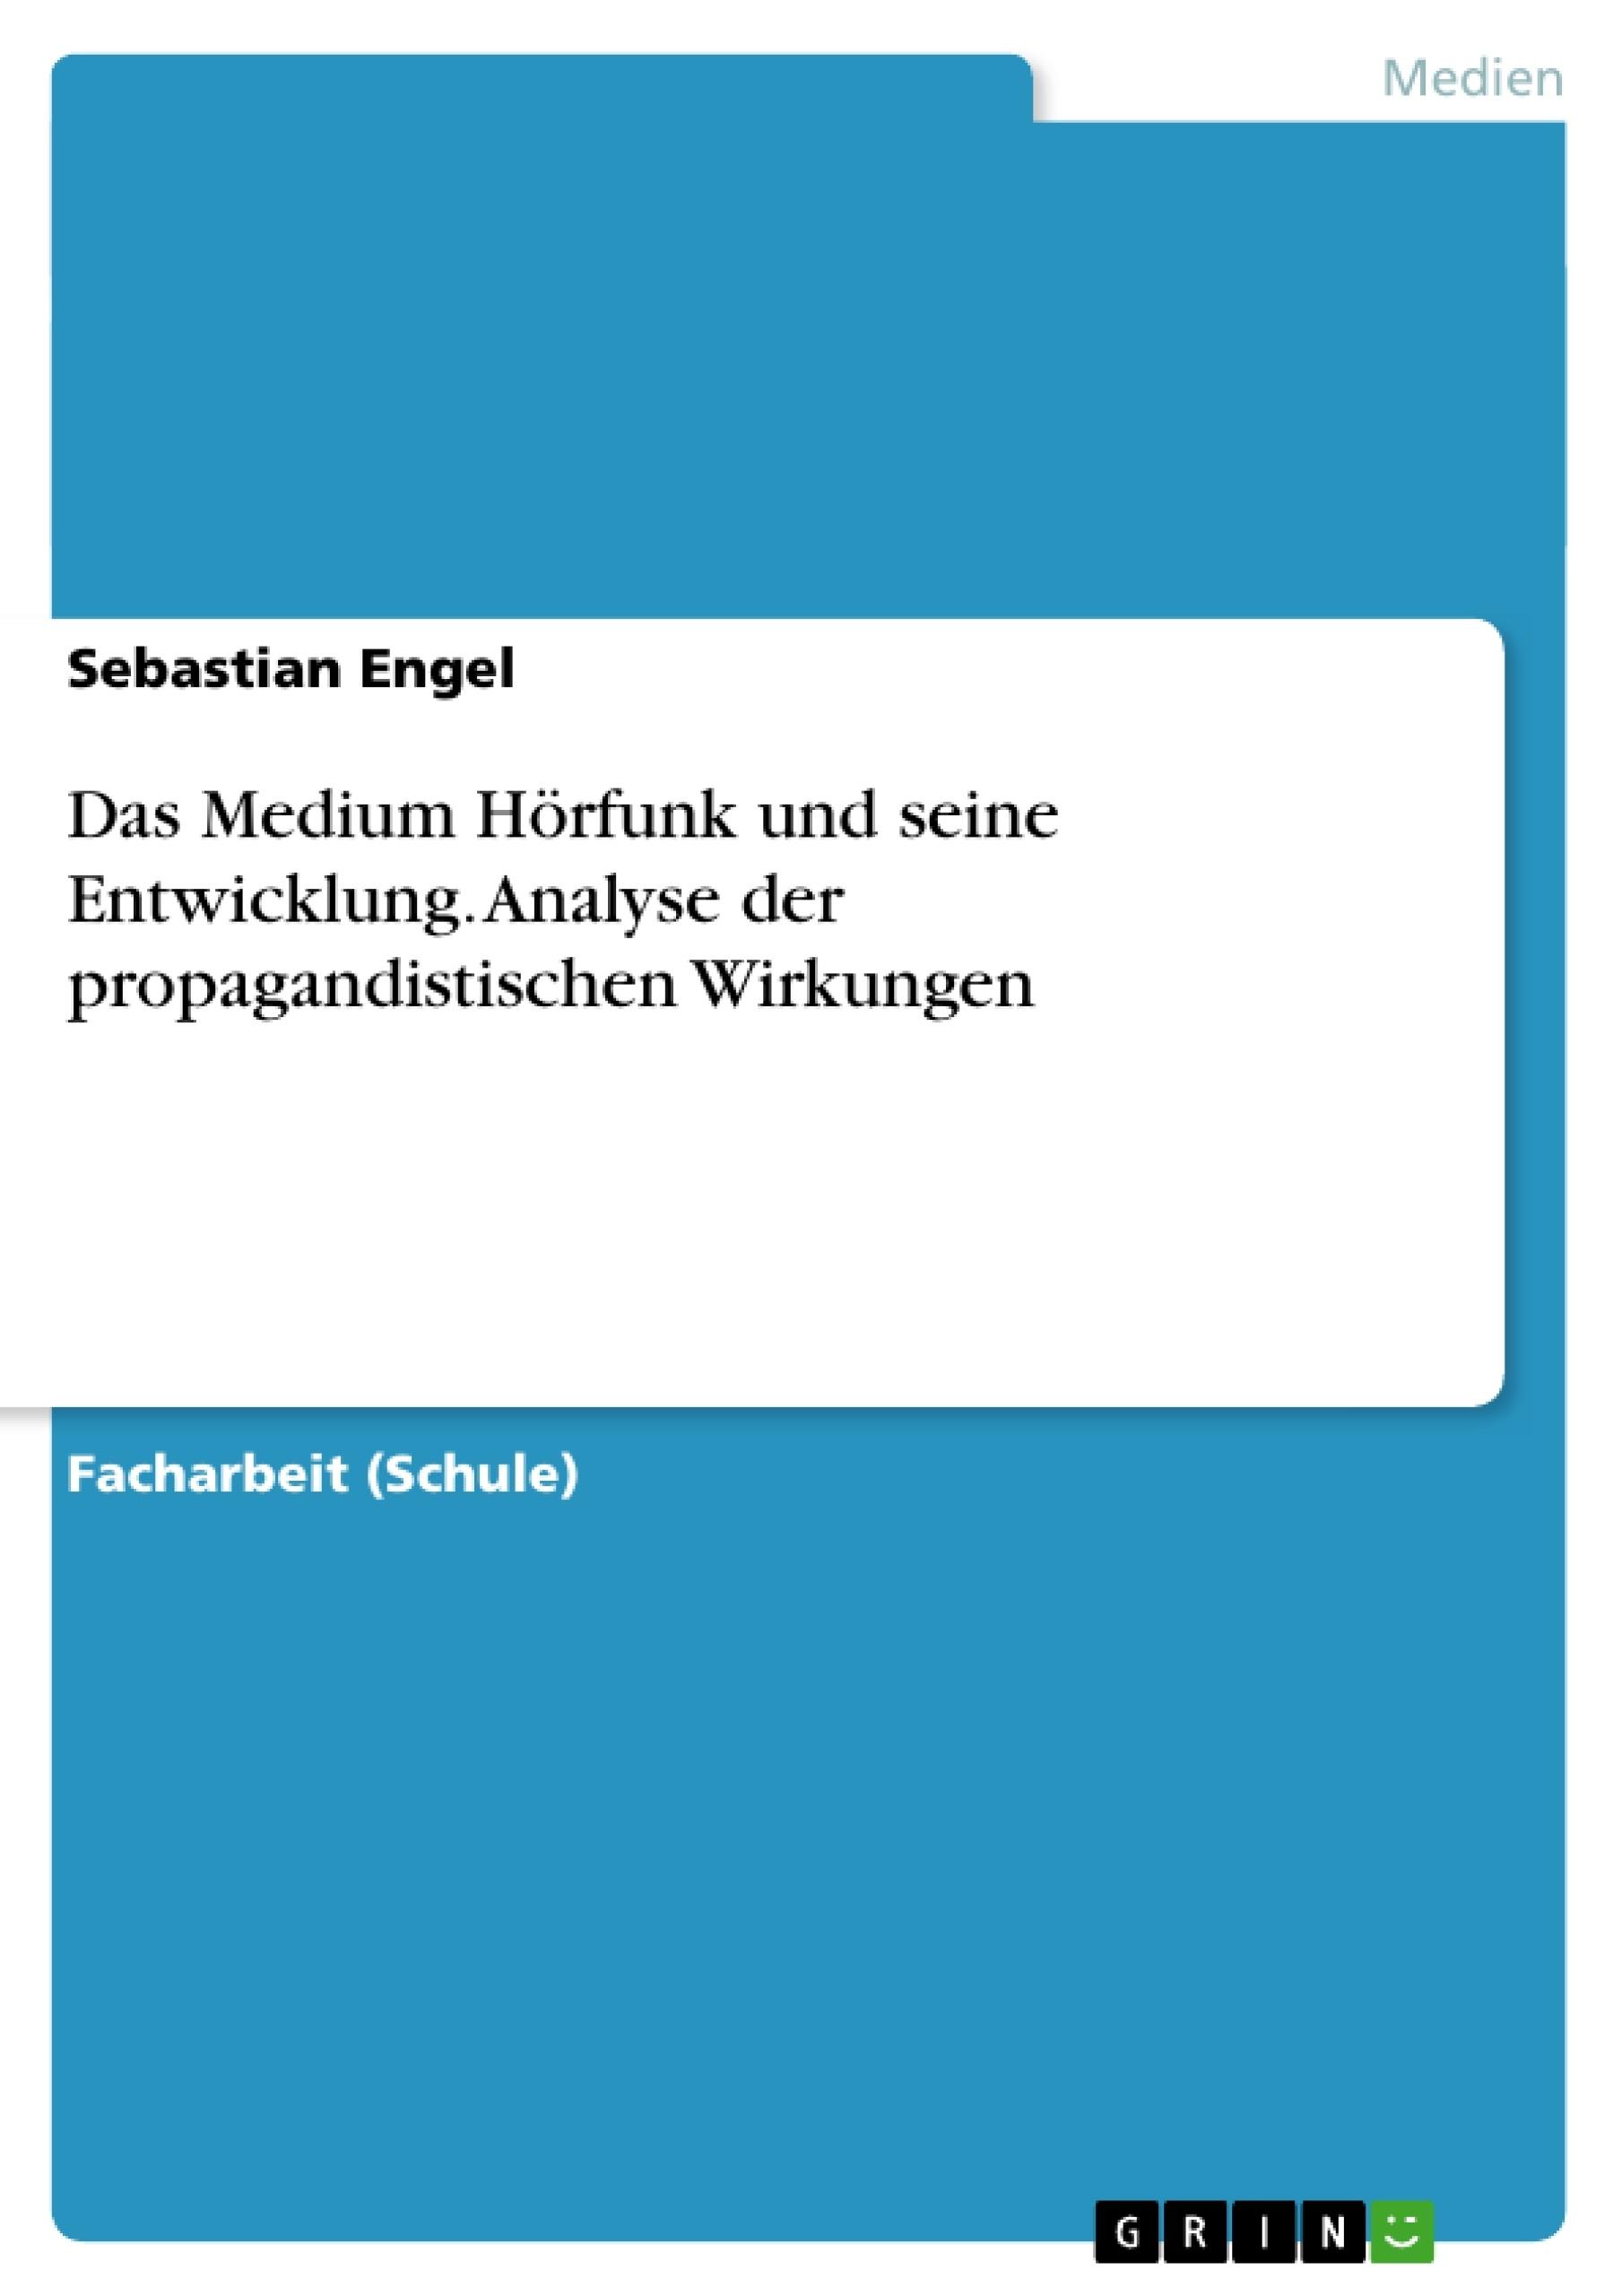 Titel: Das Medium Hörfunk und seine Entwicklung. Analyse der propagandistischen Wirkungen